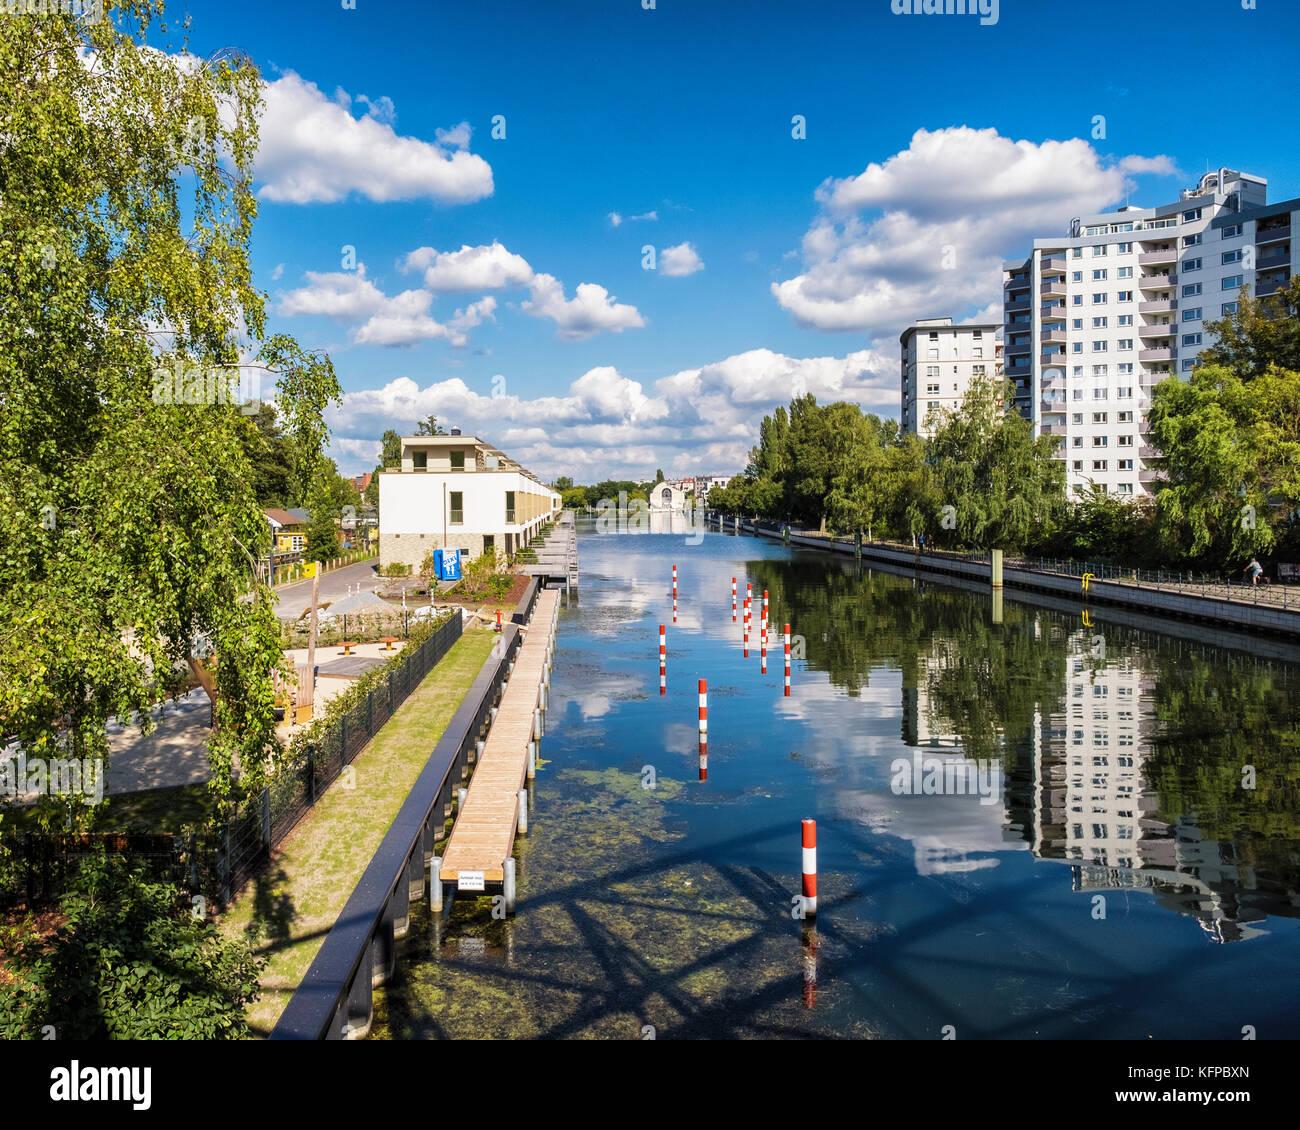 Le lac de Tegel Berlin,Angleterre,moderne,nouvelles maisons de luxe avec toiture terrasse et amarrage bateau salon Photo Stock